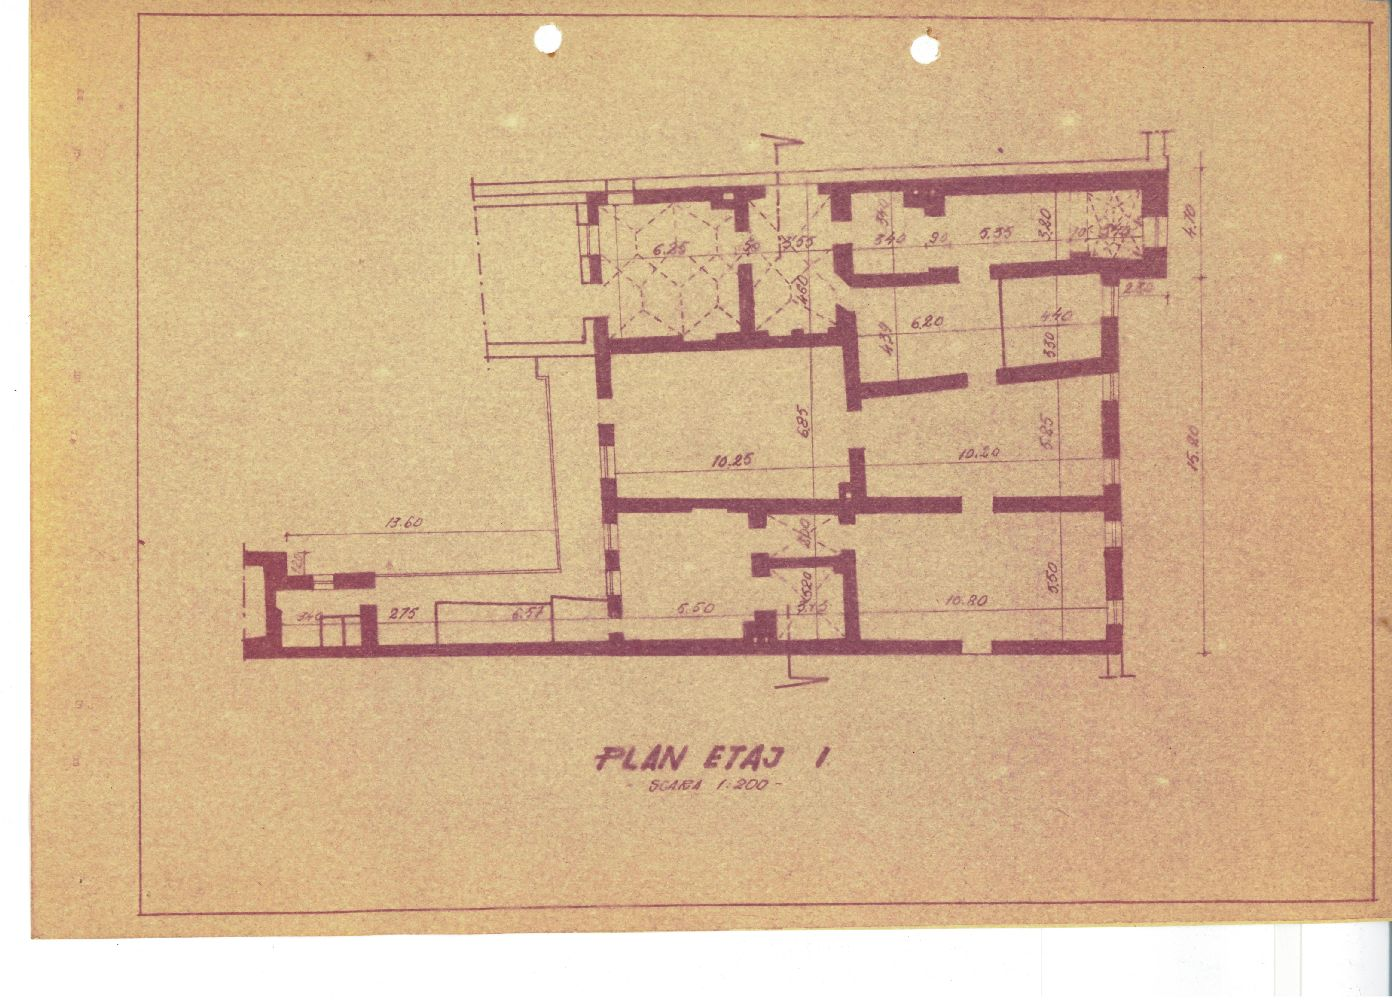 Plan etajul I, perioada interbelica